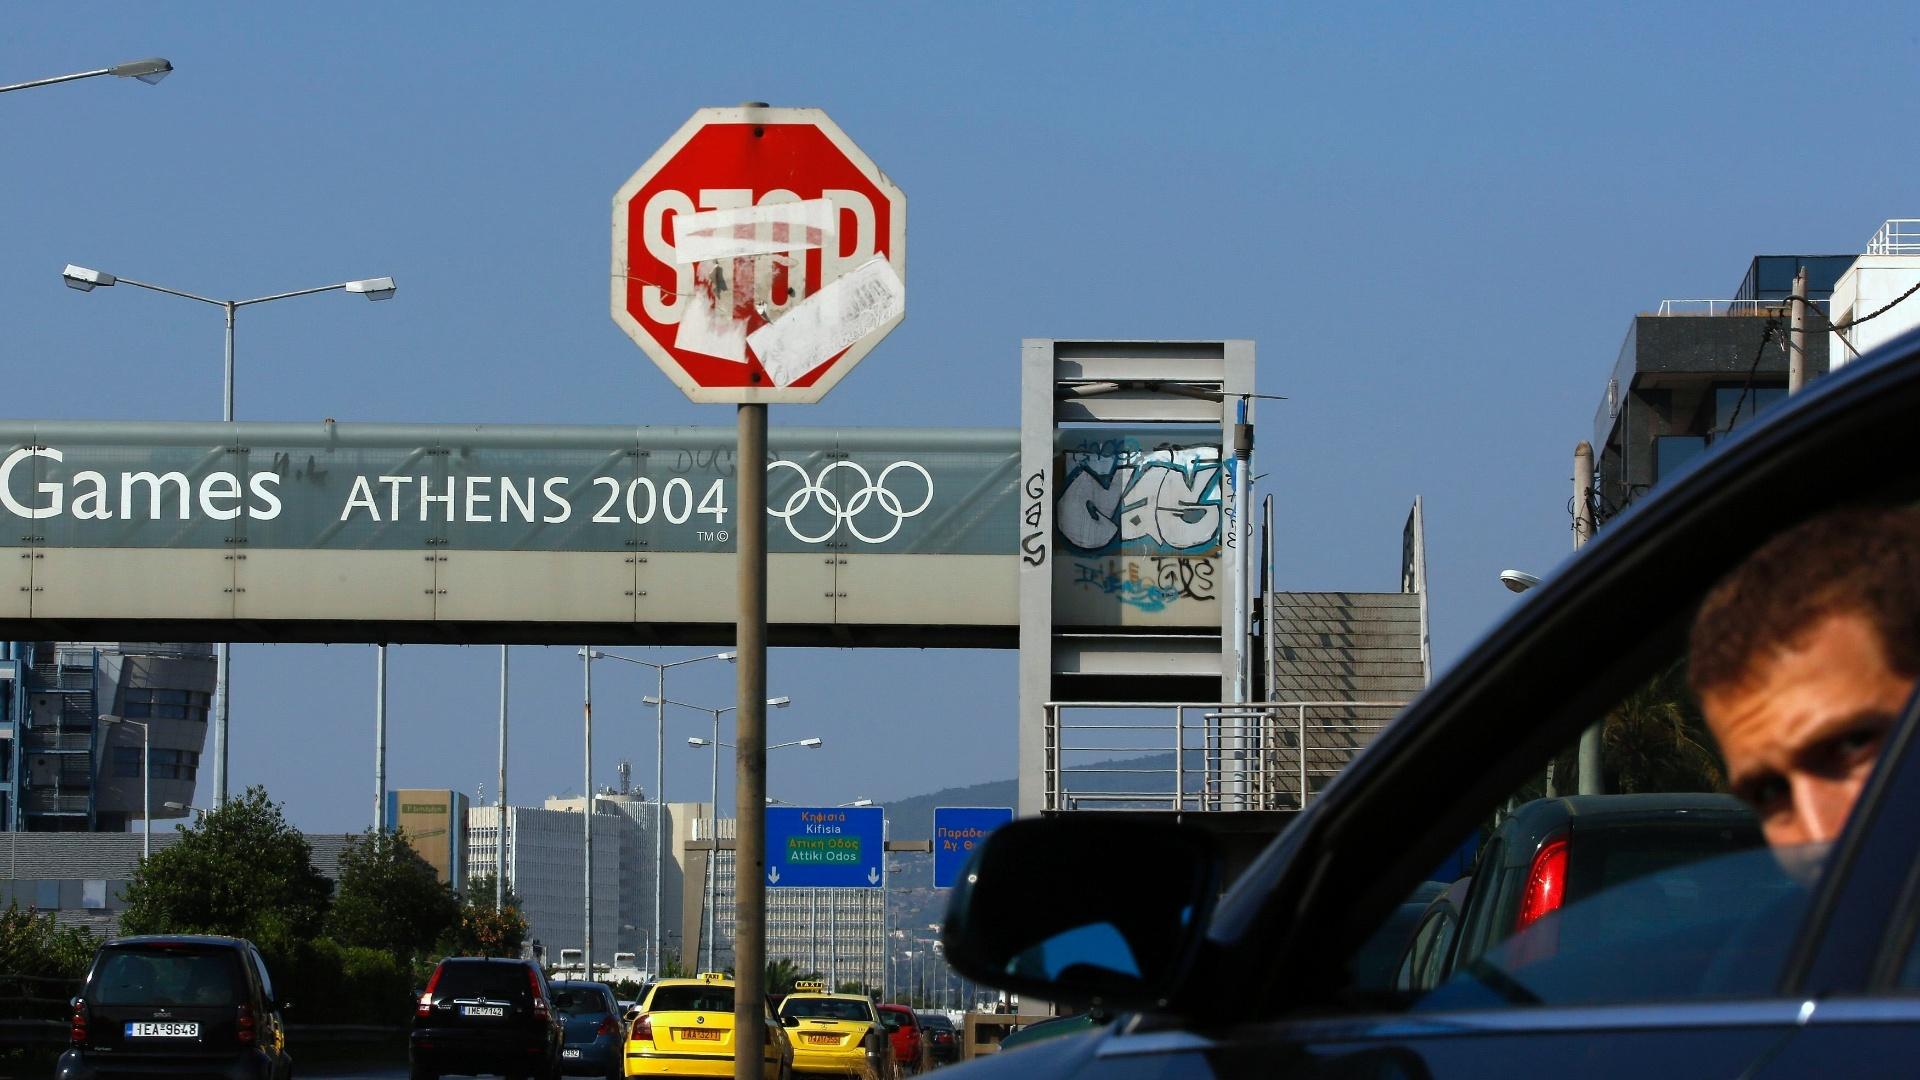 25.jul.2014 - Passarela com o logo dos Jogos Olímpicos de Atenas está pichada. Dez anos após a realização do evento, a capital grega quase não tem legado real da Olimpíada